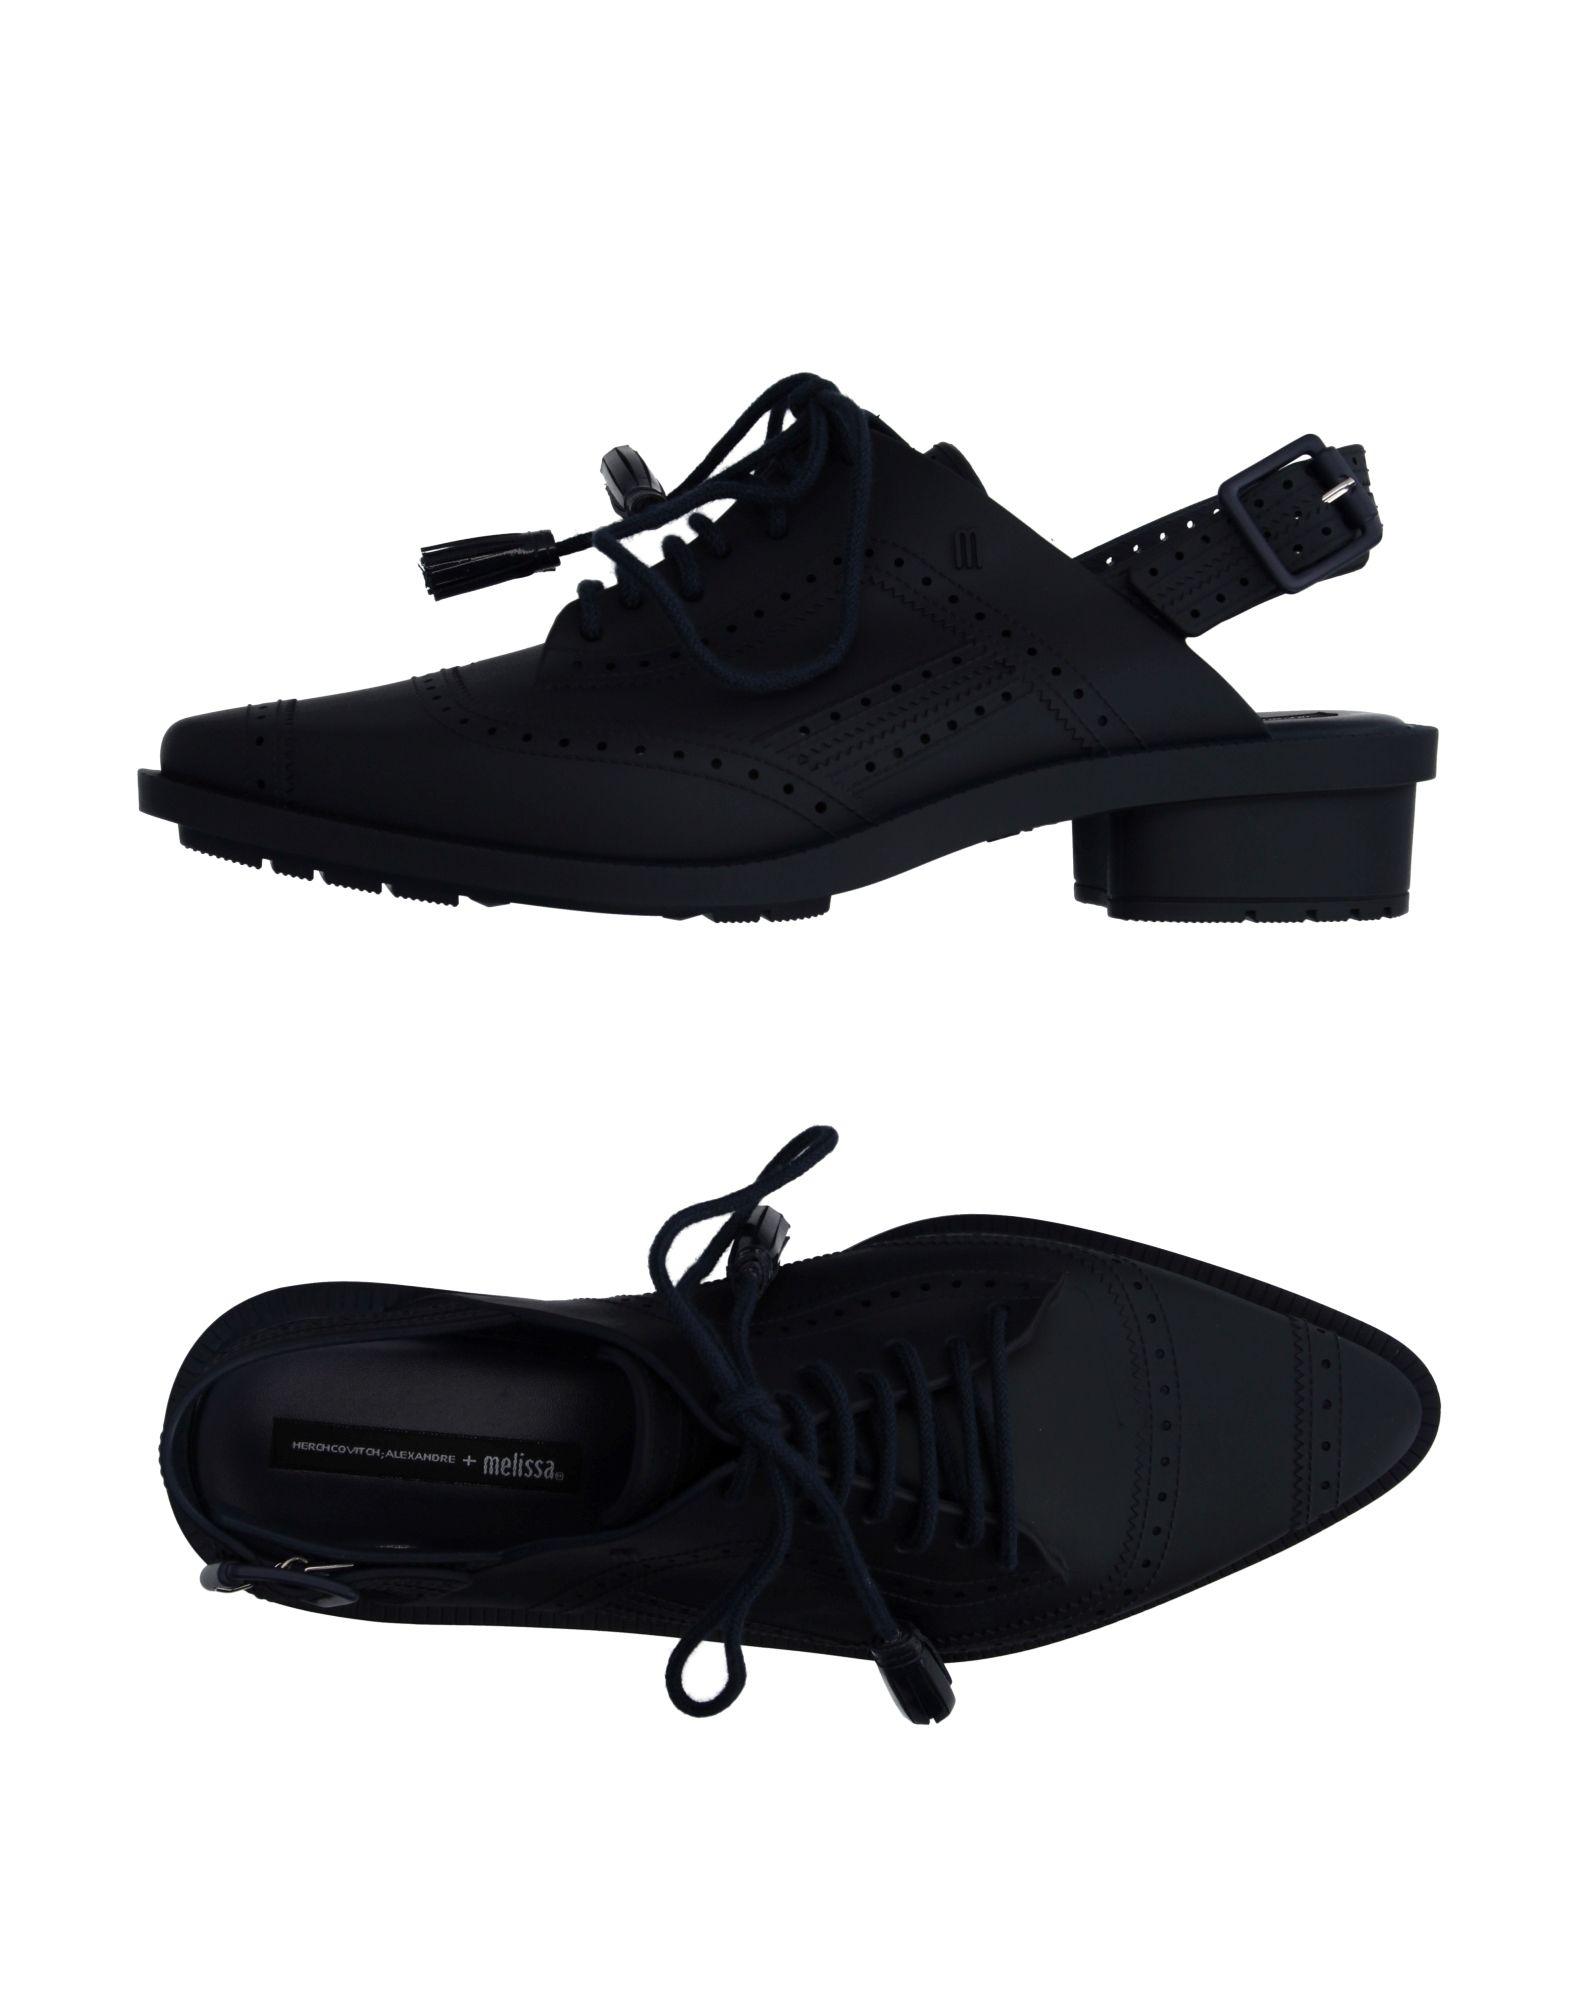 Melissa + Alexandre Herchcovitch Pumps Damen 11046694GG 11046694GG 11046694GG Gute Qualität beliebte Schuhe ca6b92